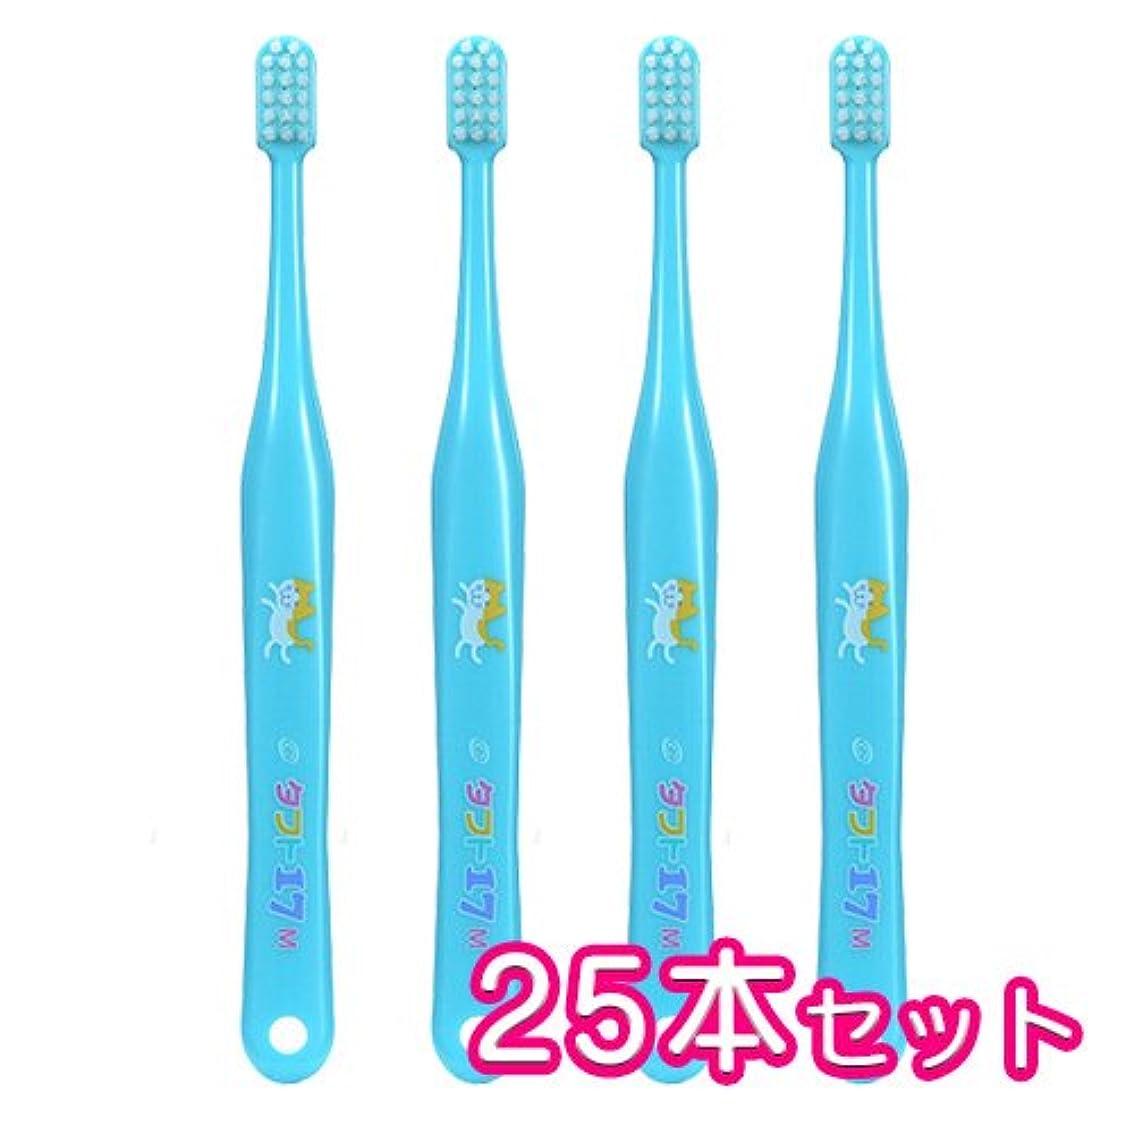 それに応じて氏質素なタフト17 歯ブラシ ミディアム 25本入 M ブルー